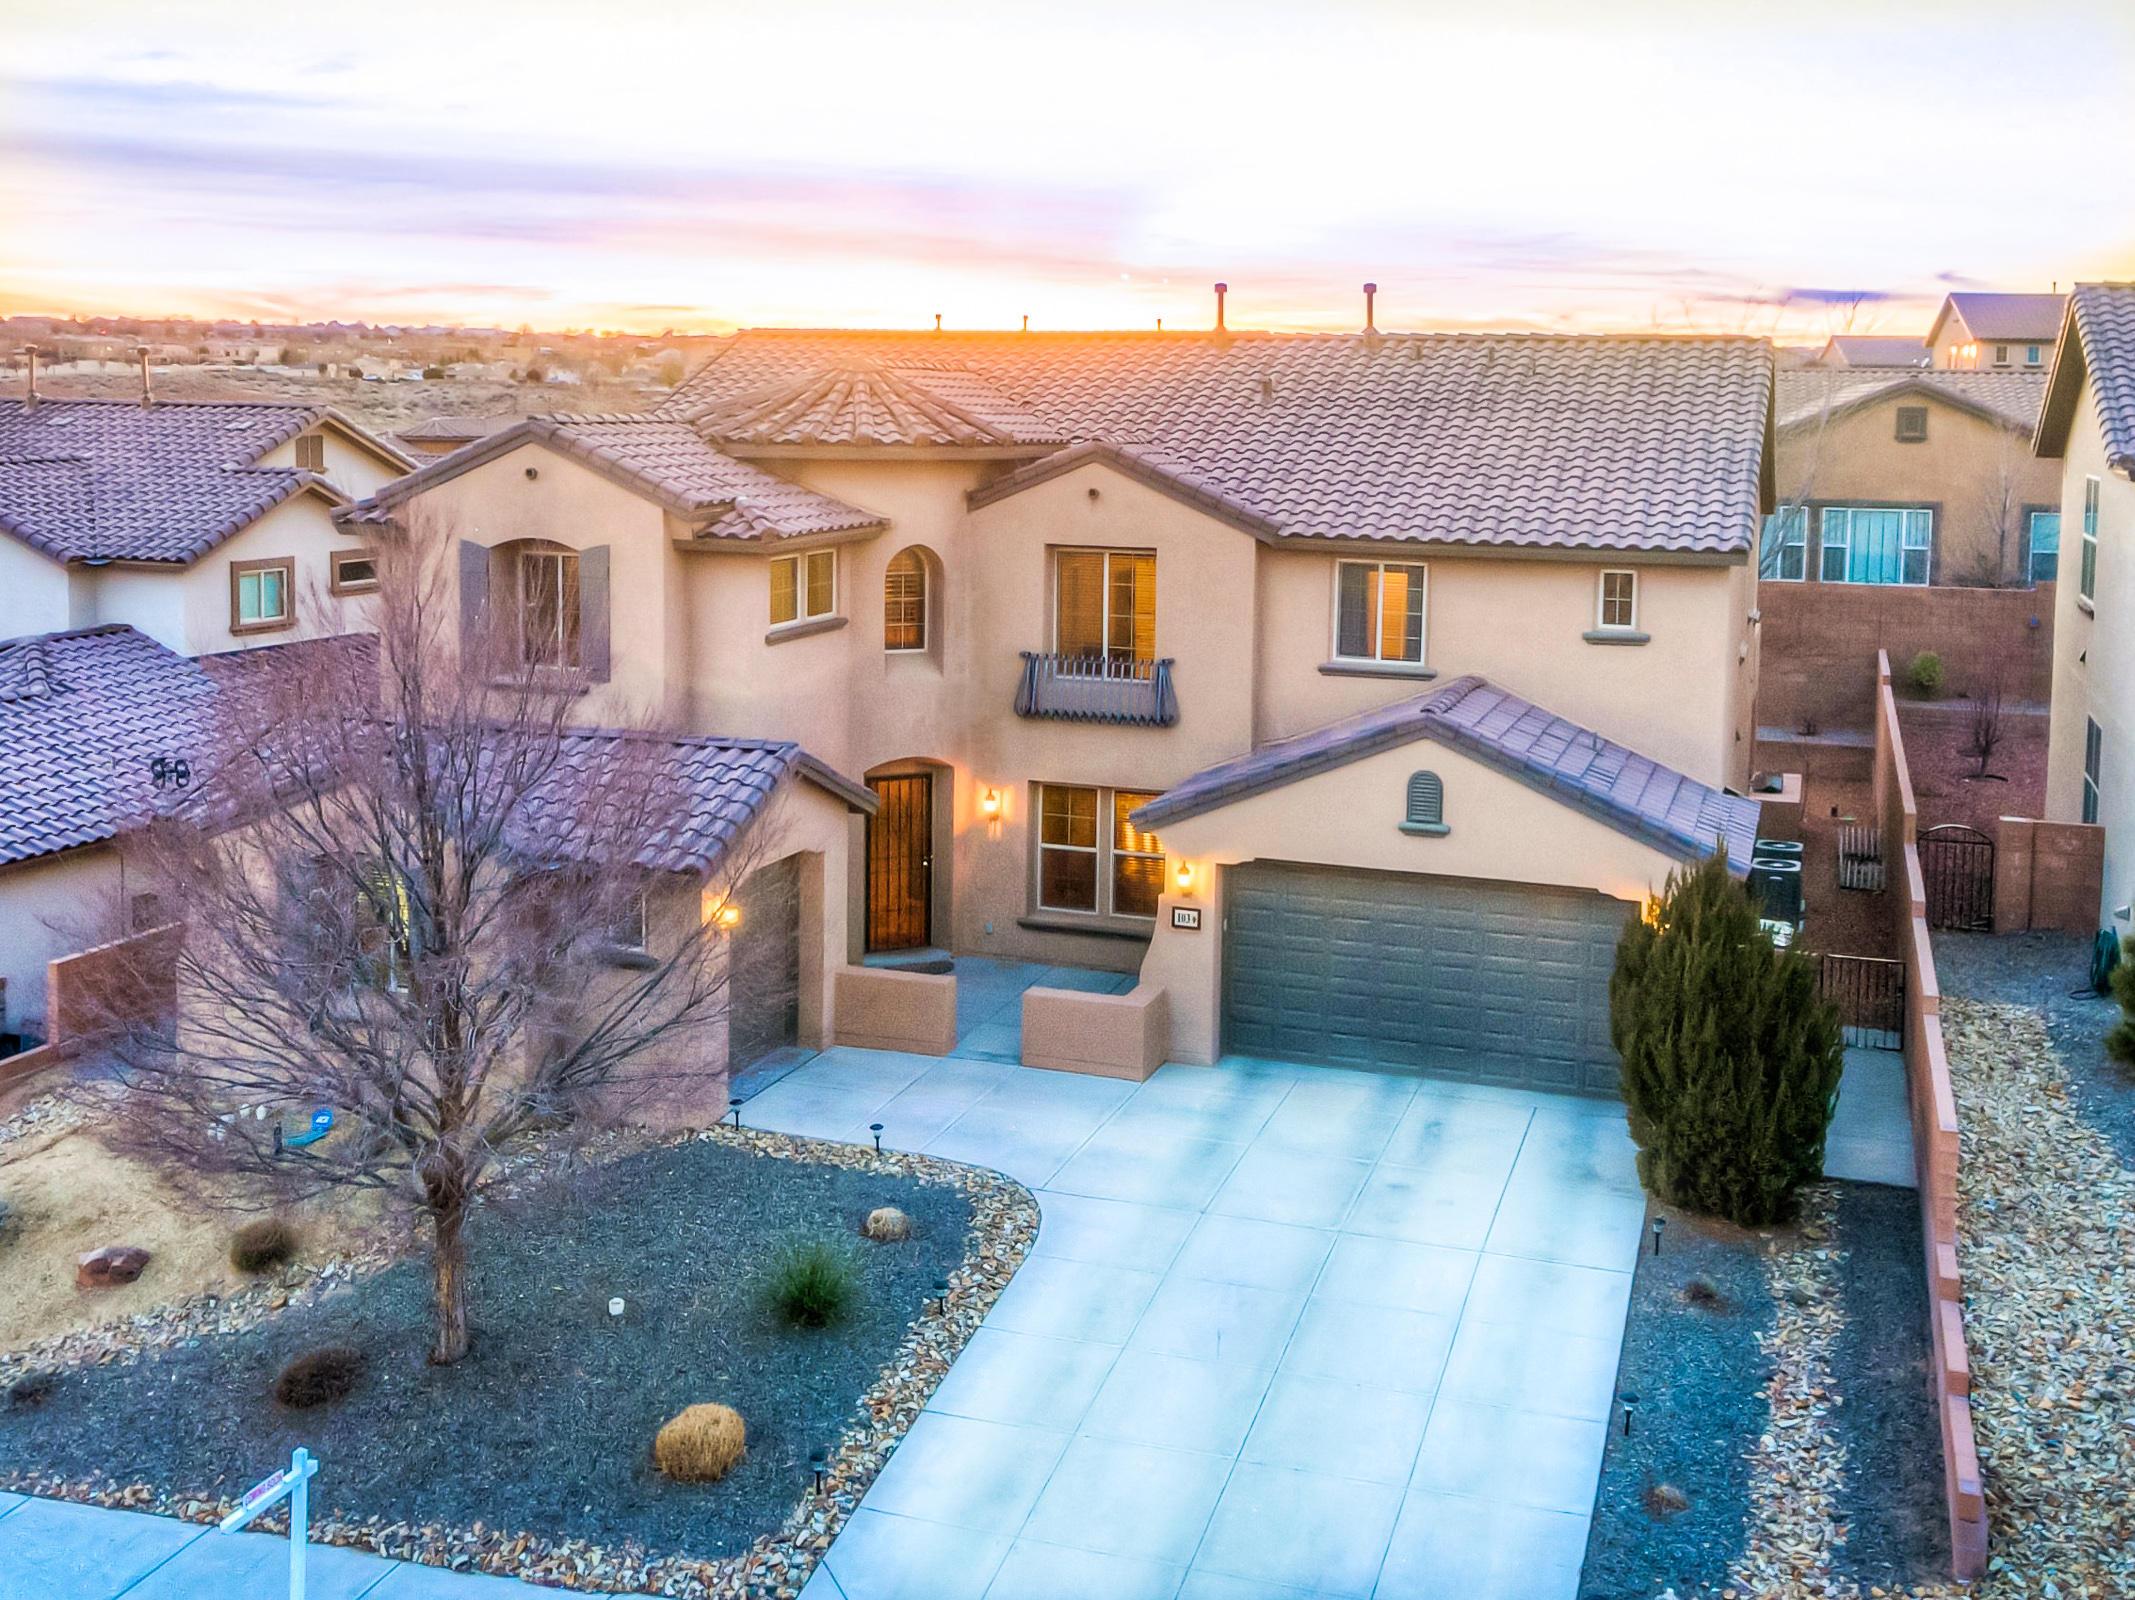 103 NE Los Balcones Place, Rio Rancho, New Mexico